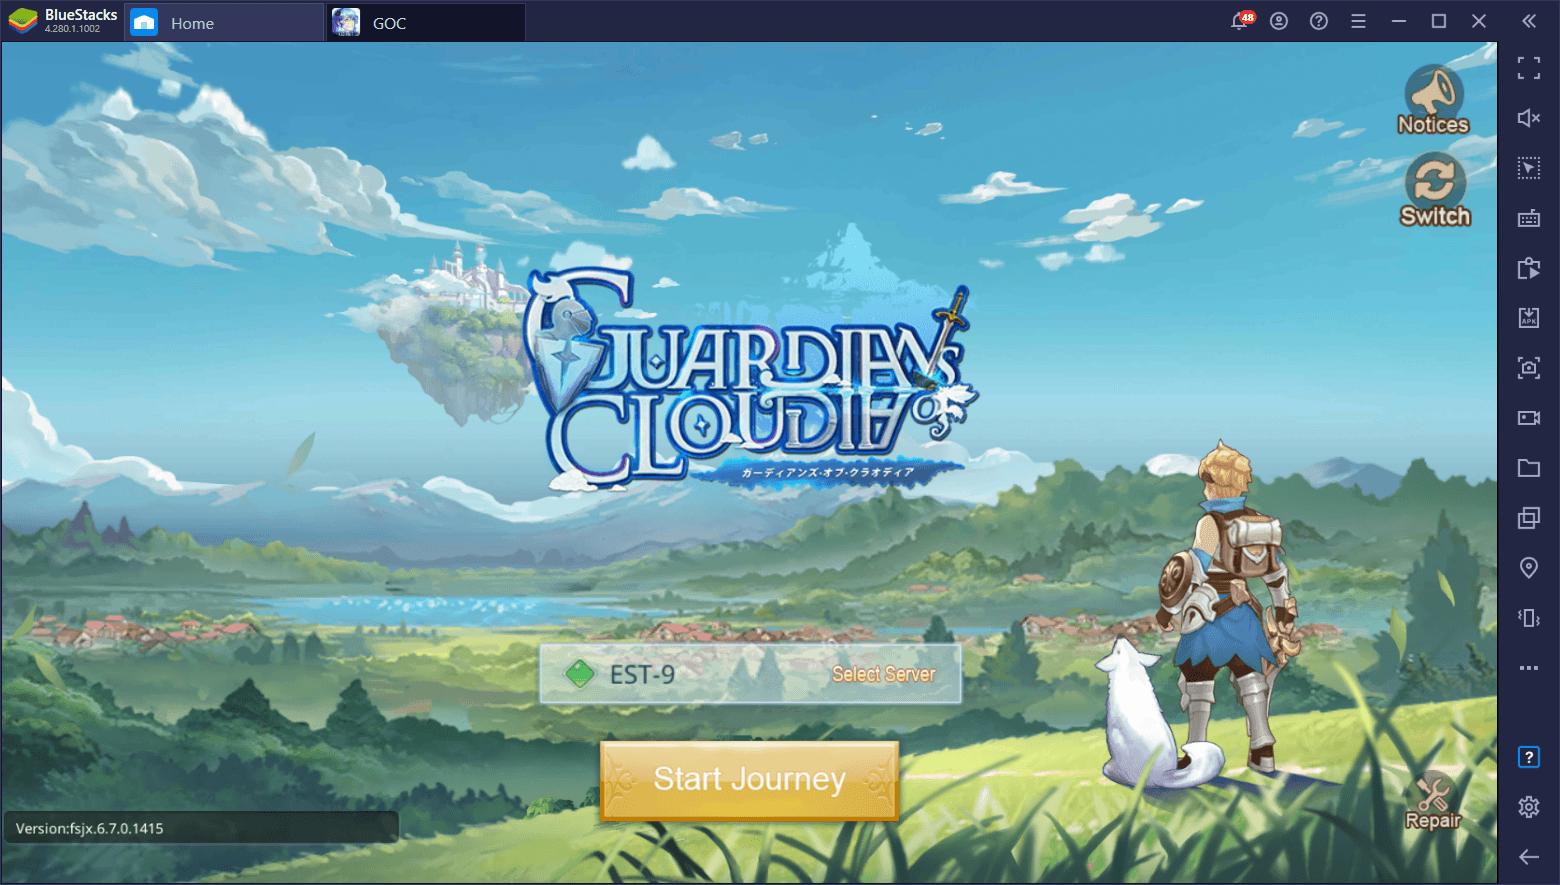 Как установить и играть в Guardians of Cloudia на компьютере